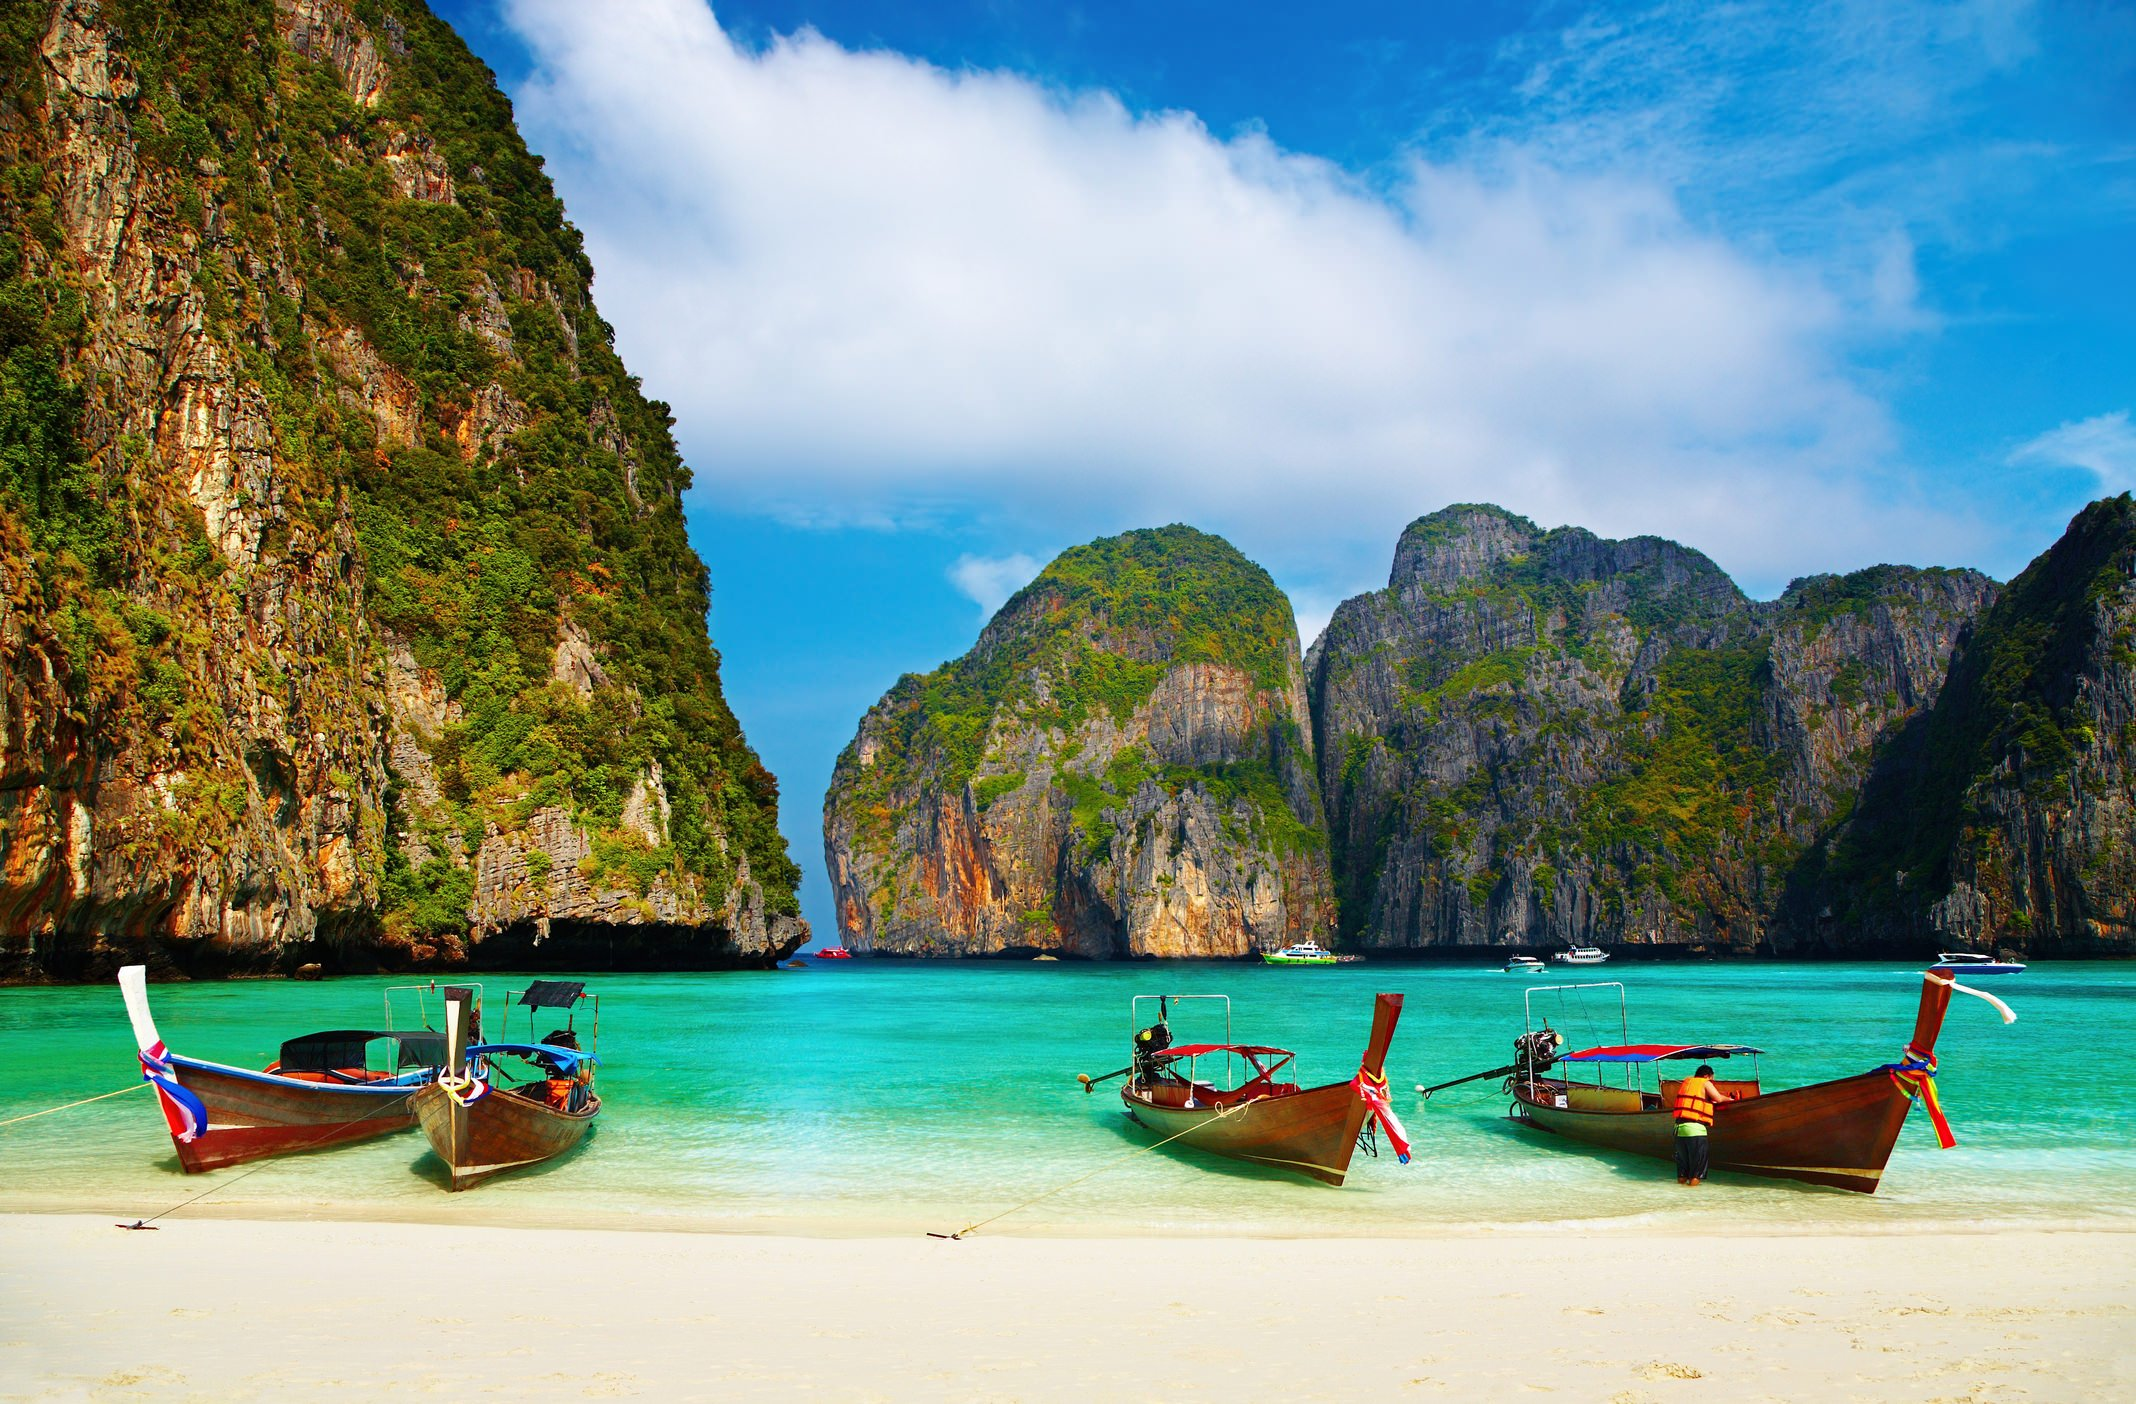 افضل الانشطه السياحيه في جزيره كو نجاي (7)